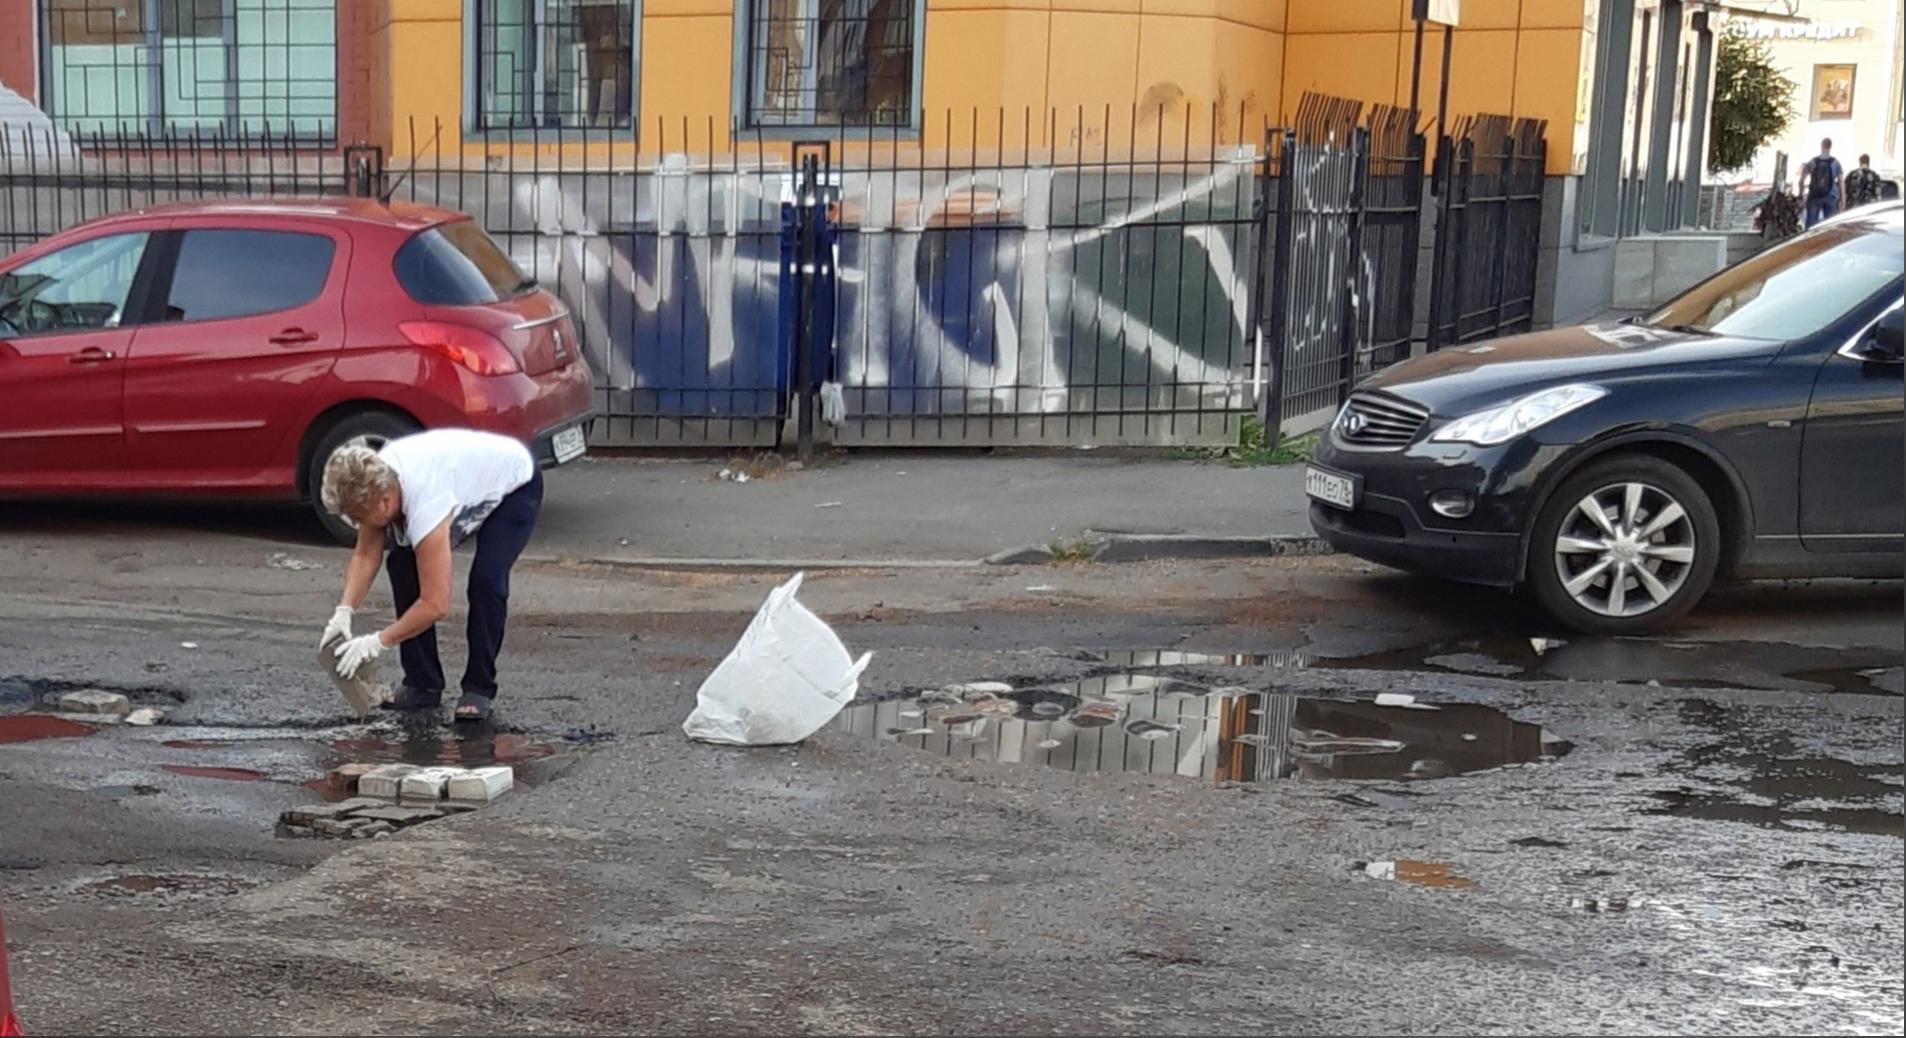 В Ярославле женщина с пакетом кирпичей заделала яму на дороге у ТЮЗа